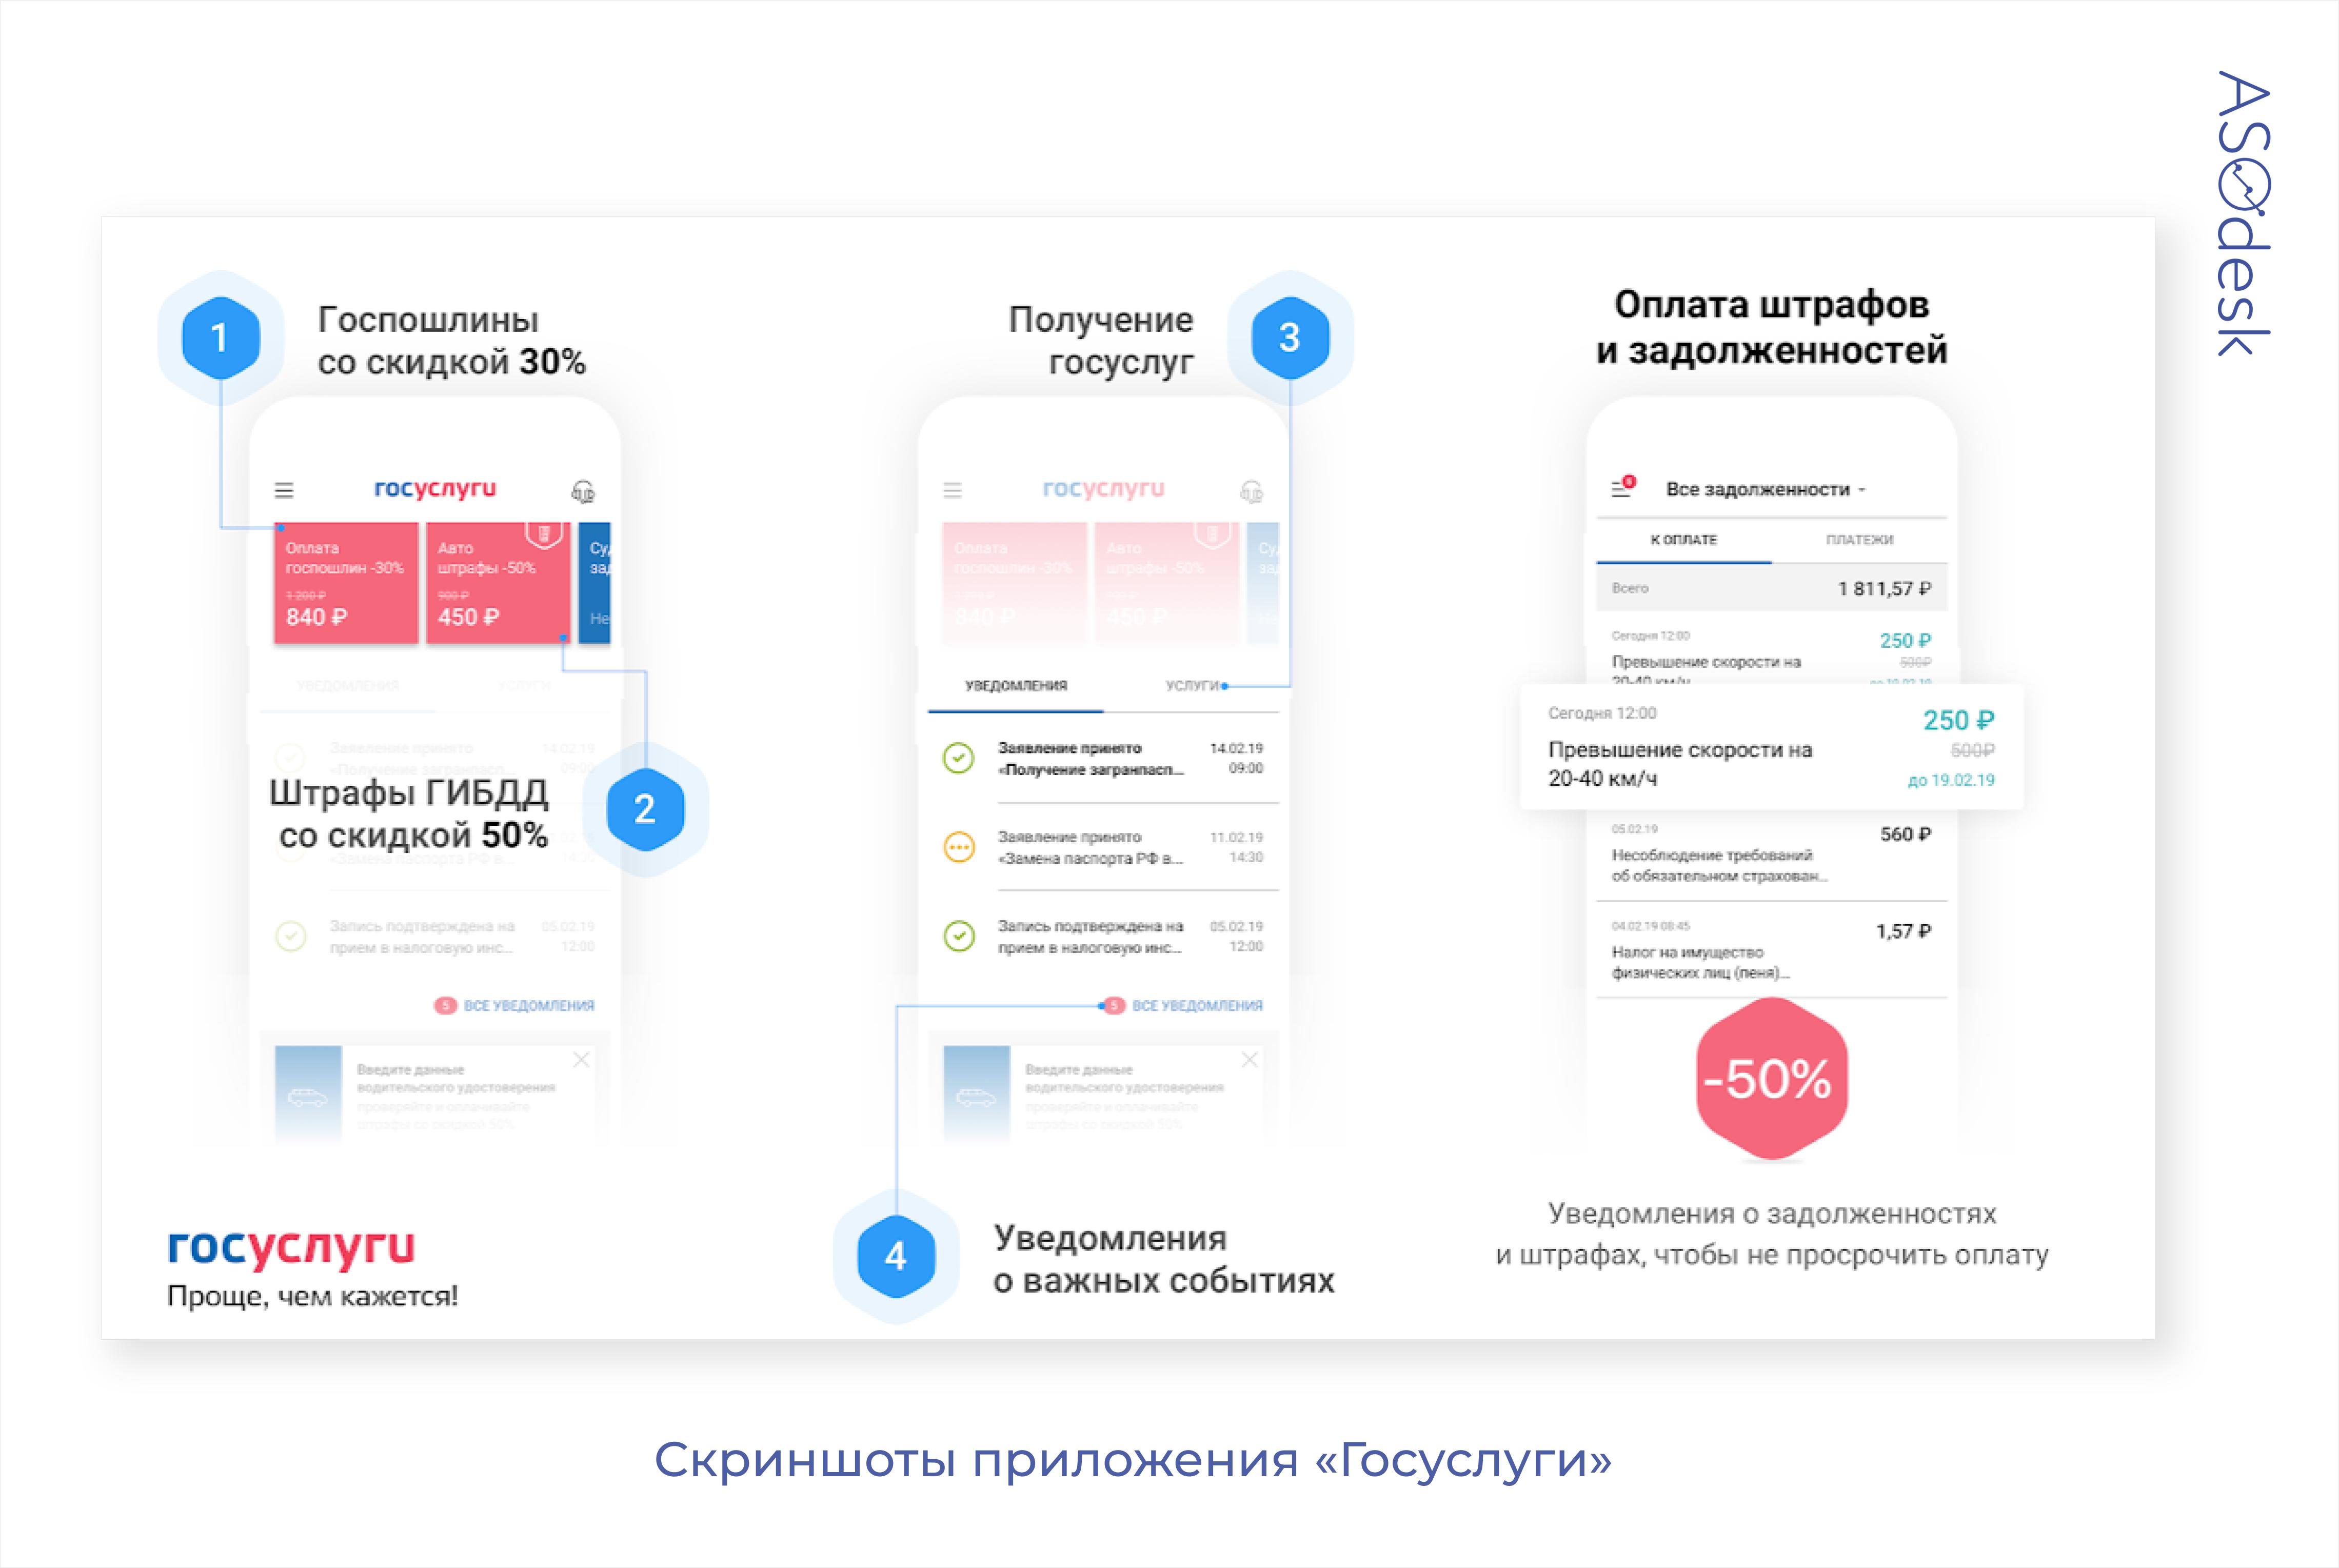 Скриншоты со страницы приложения «Госуслуги» в Google Play